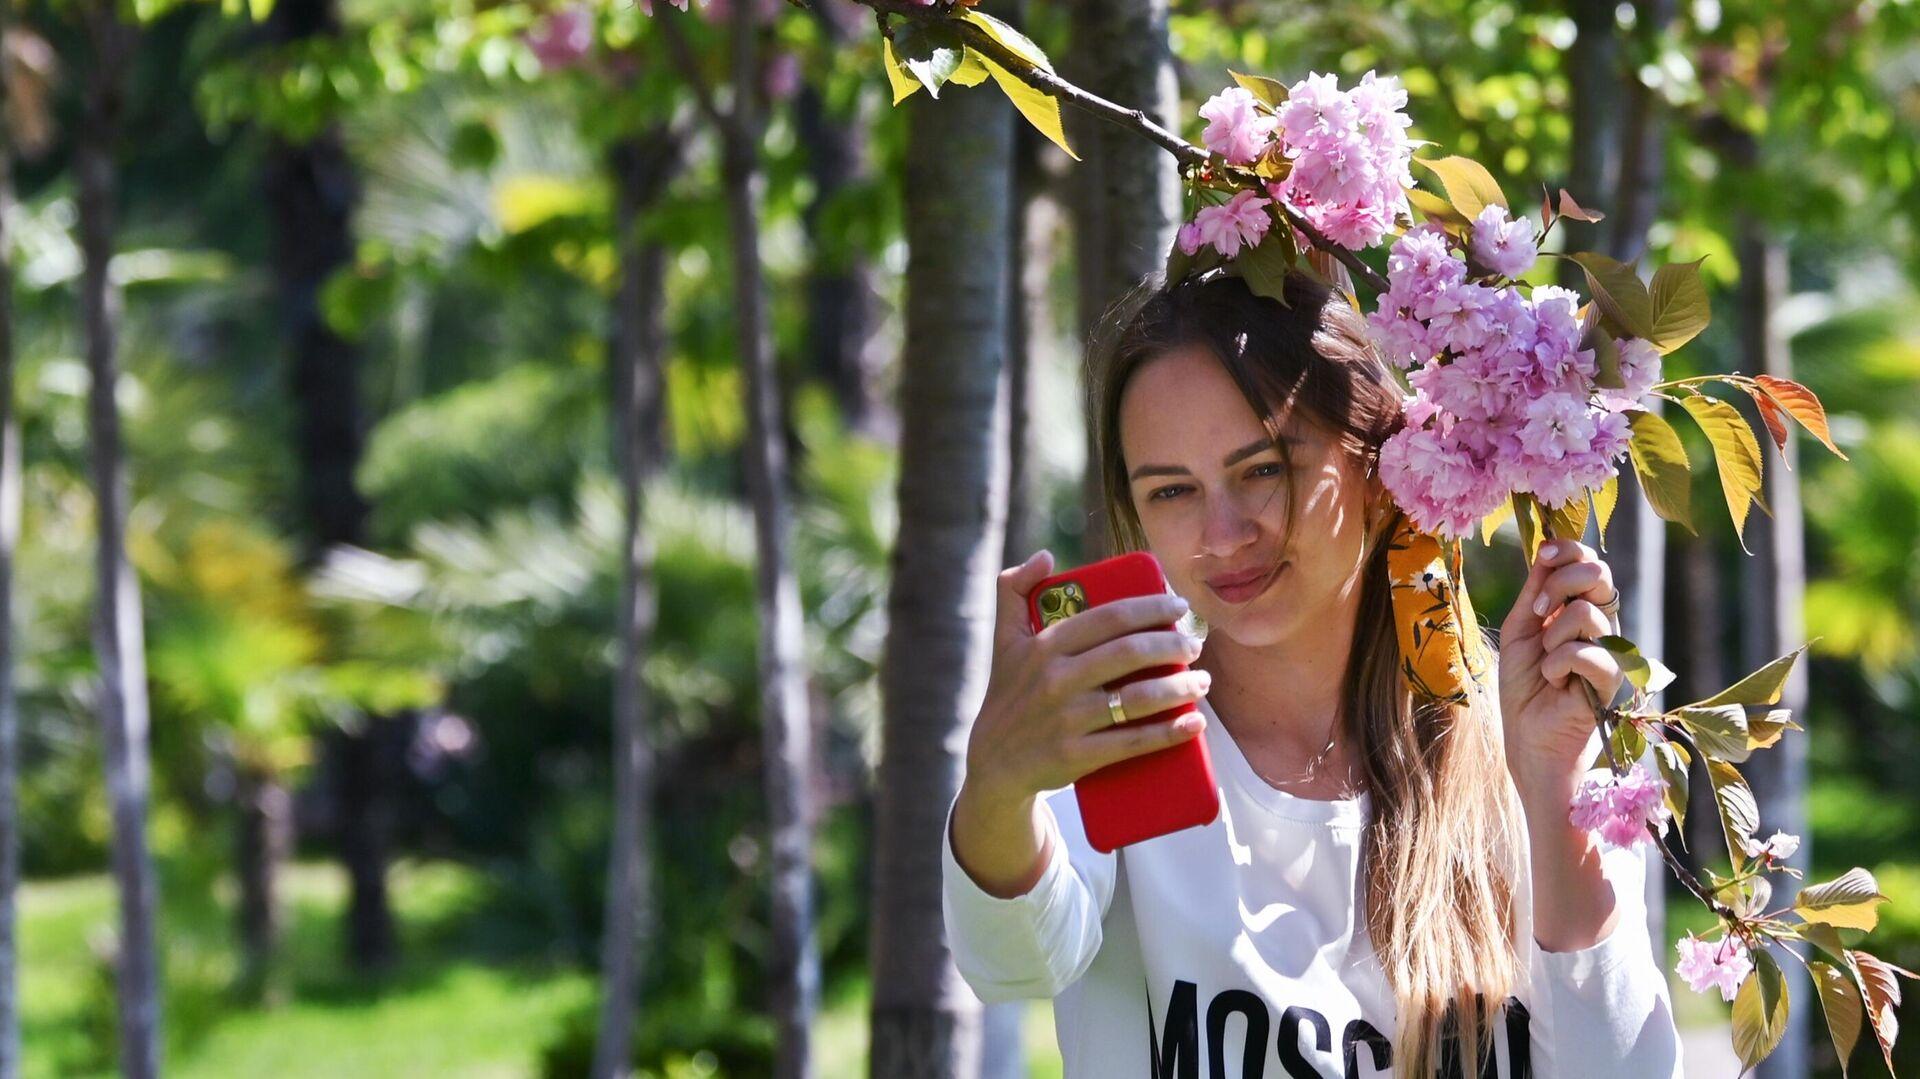 Девушка фотографируется на мобильный телефон на аллее Черешневый сад в Сочи - РИА Новости, 1920, 08.06.2020